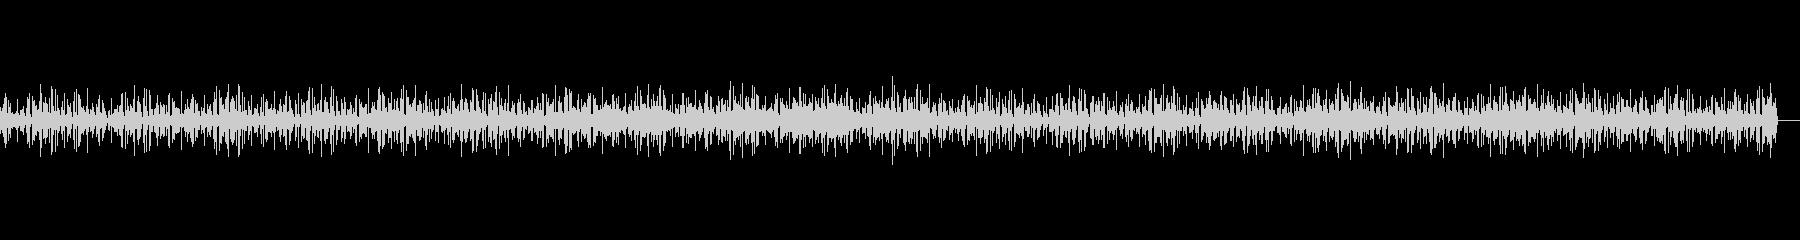 不穏なニュースなどで使われる電子音楽の未再生の波形